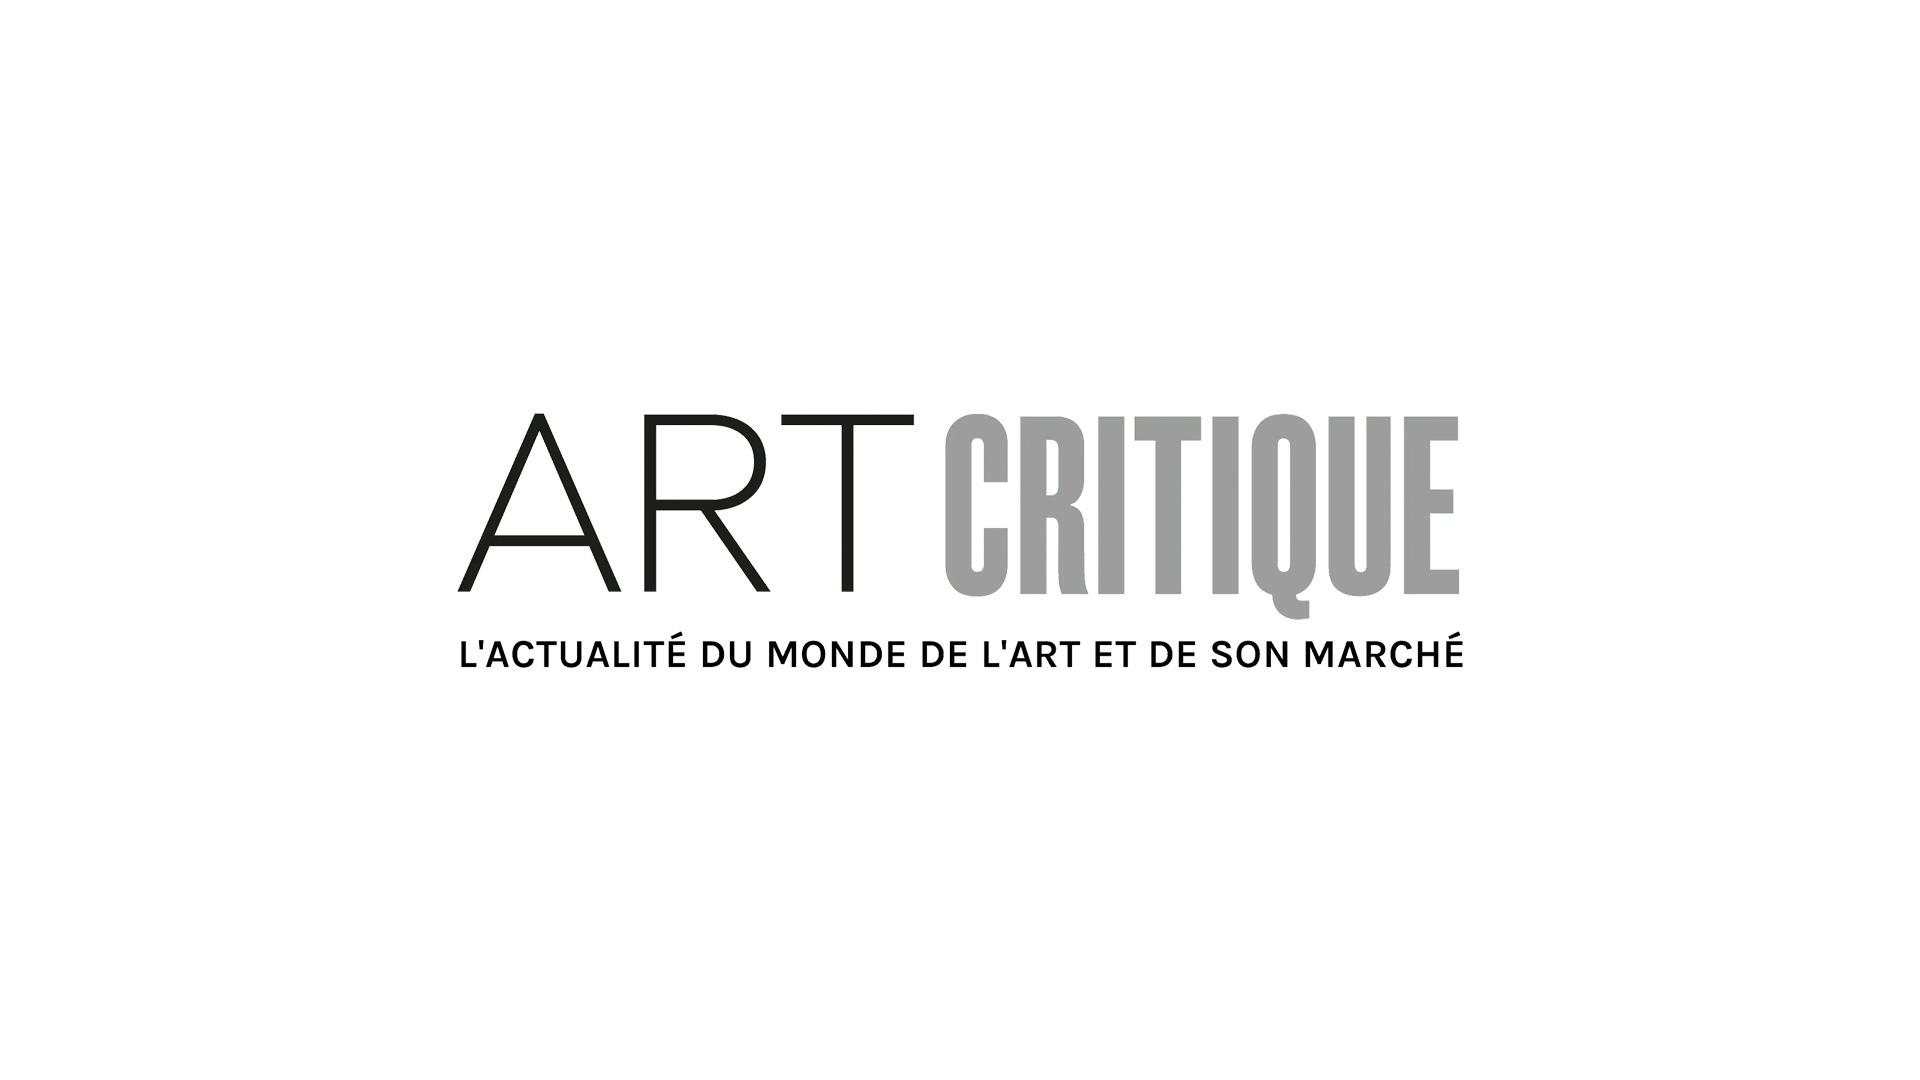 Gabriel Zuchtriegel appointed as new head of Pompeii